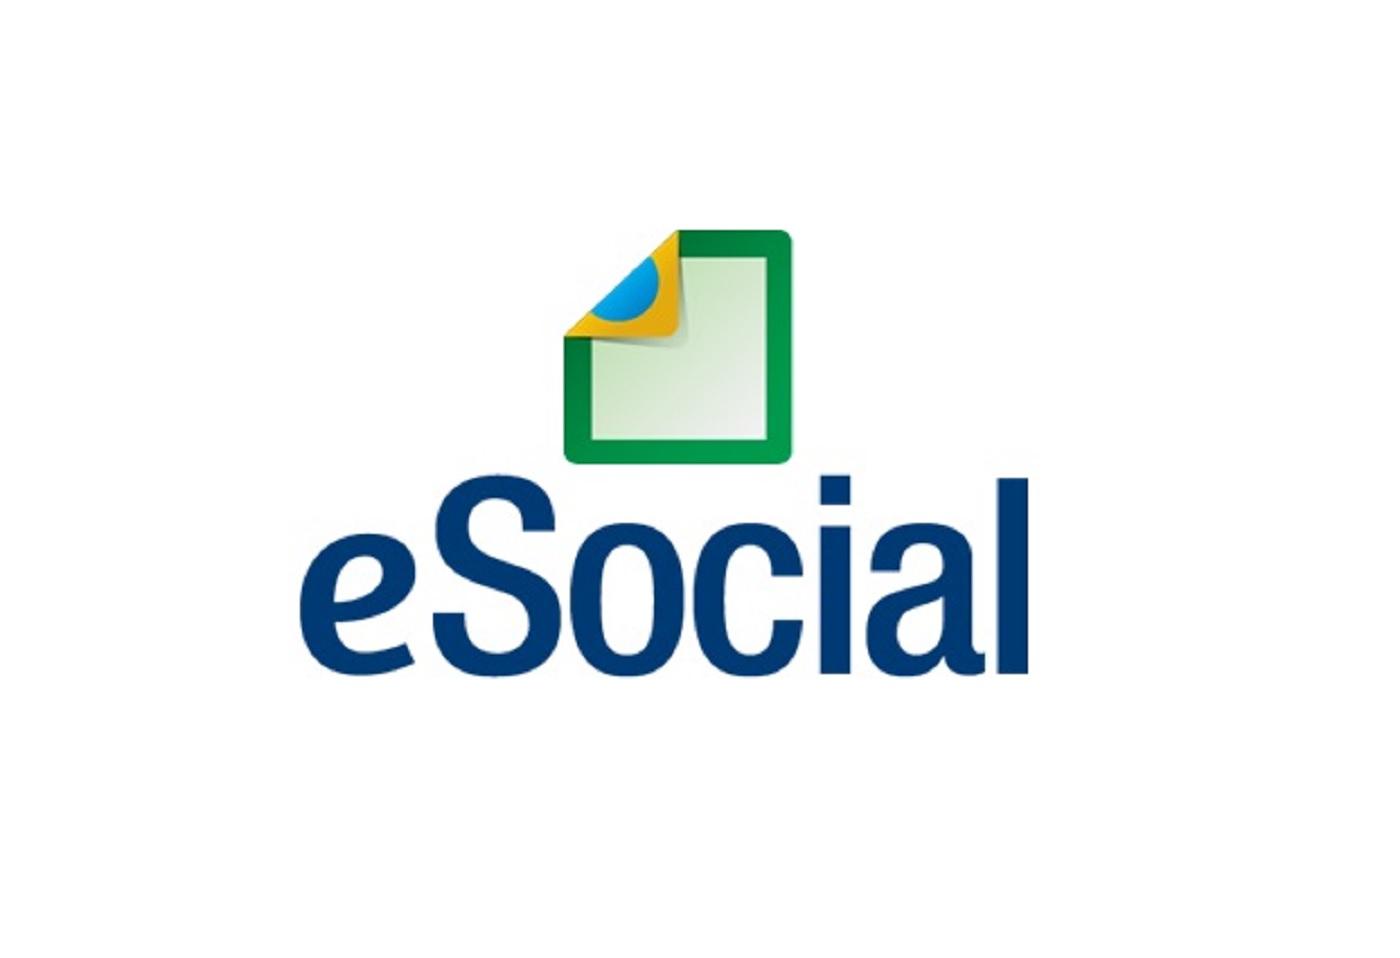 MP da Liberdade Econômica decreta o fim do eSocial